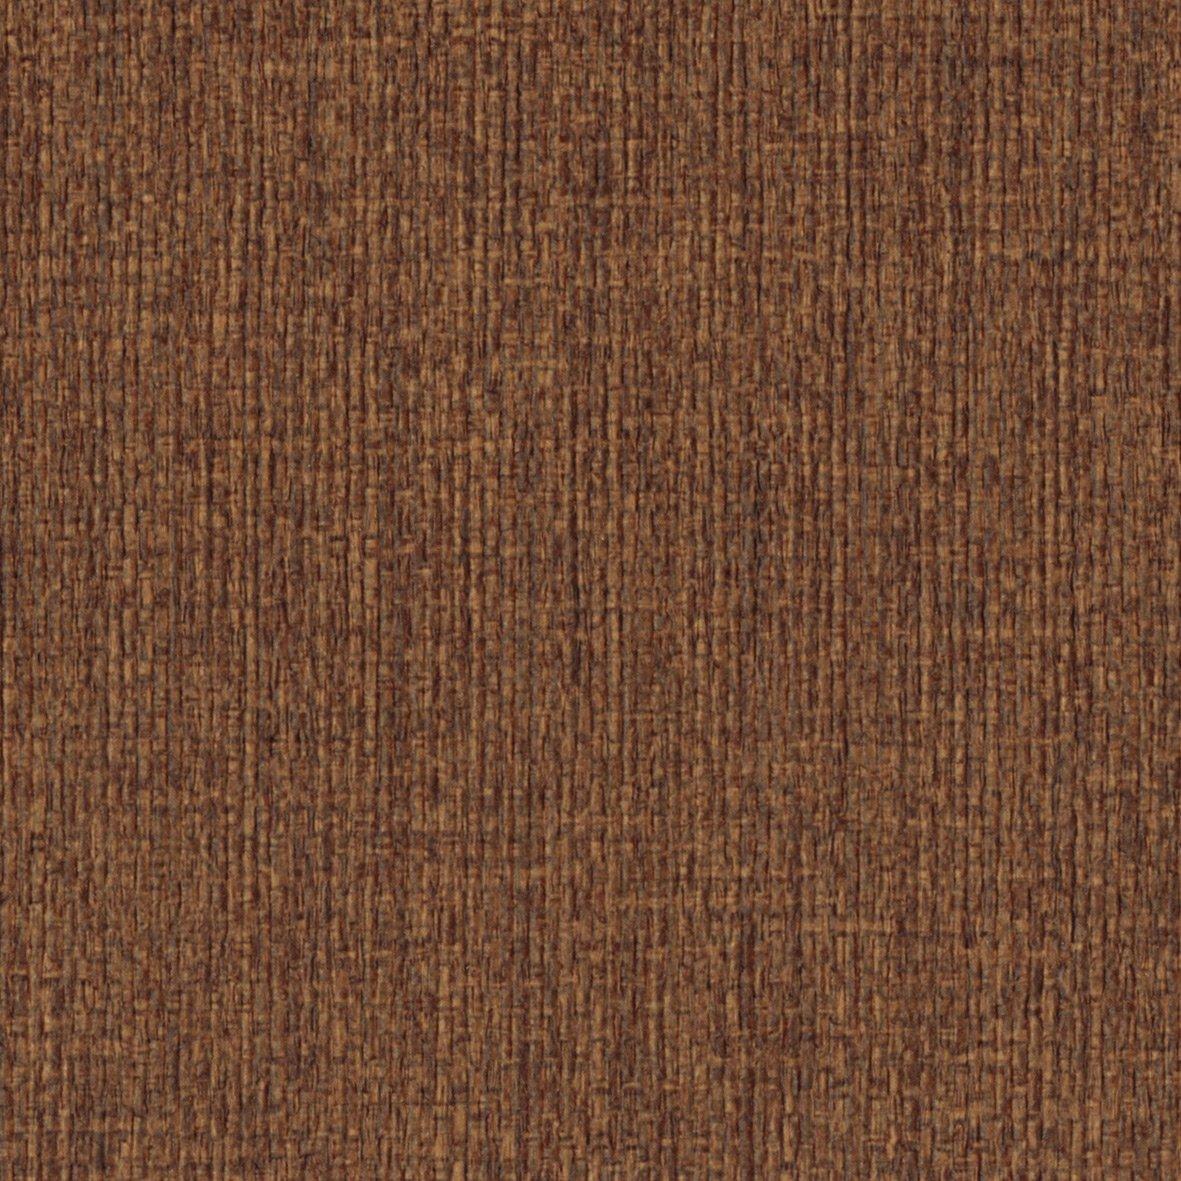 リリカラ 壁紙46m 和 織物調 ブラウン 和調 LV-6420 B01IHRYA9E 46m|ブラウン